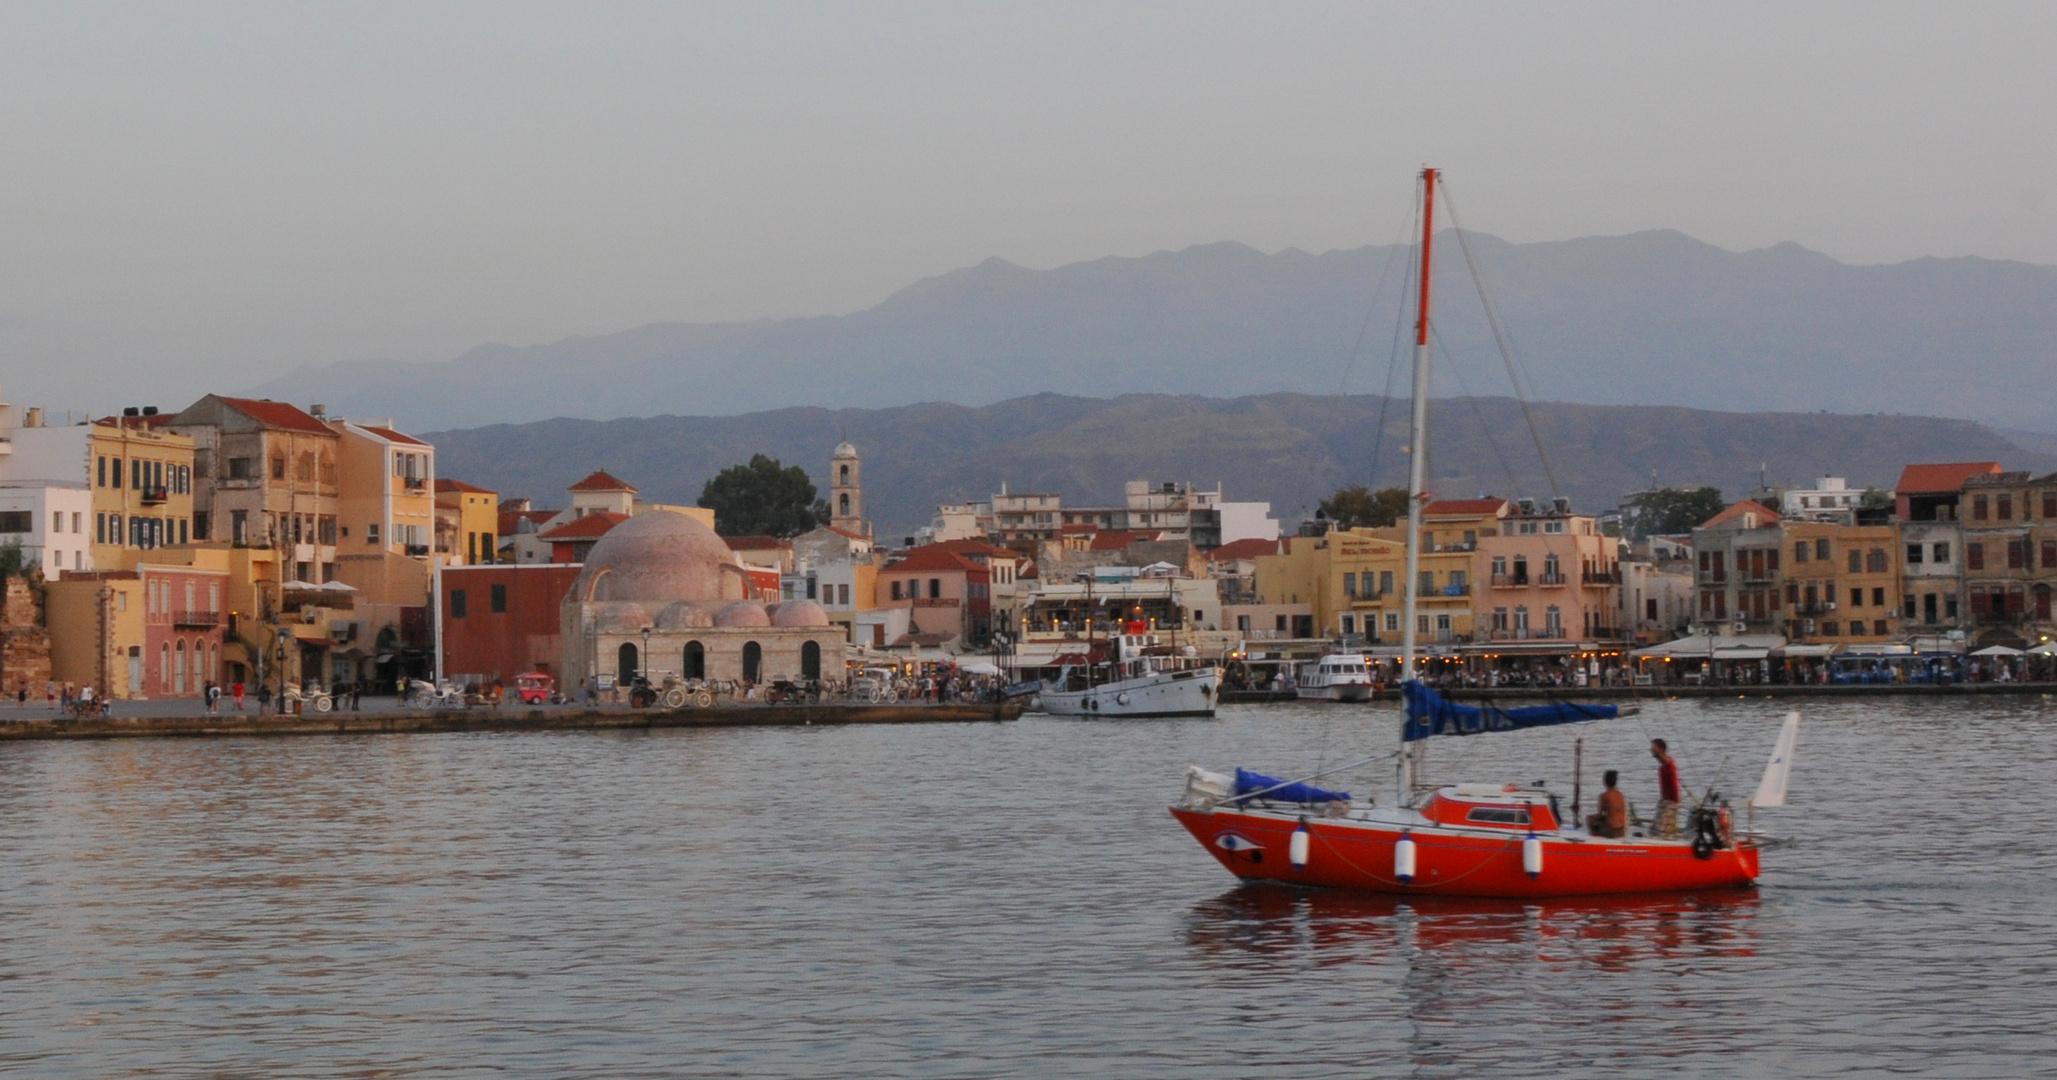 Chania Hafen am Abend